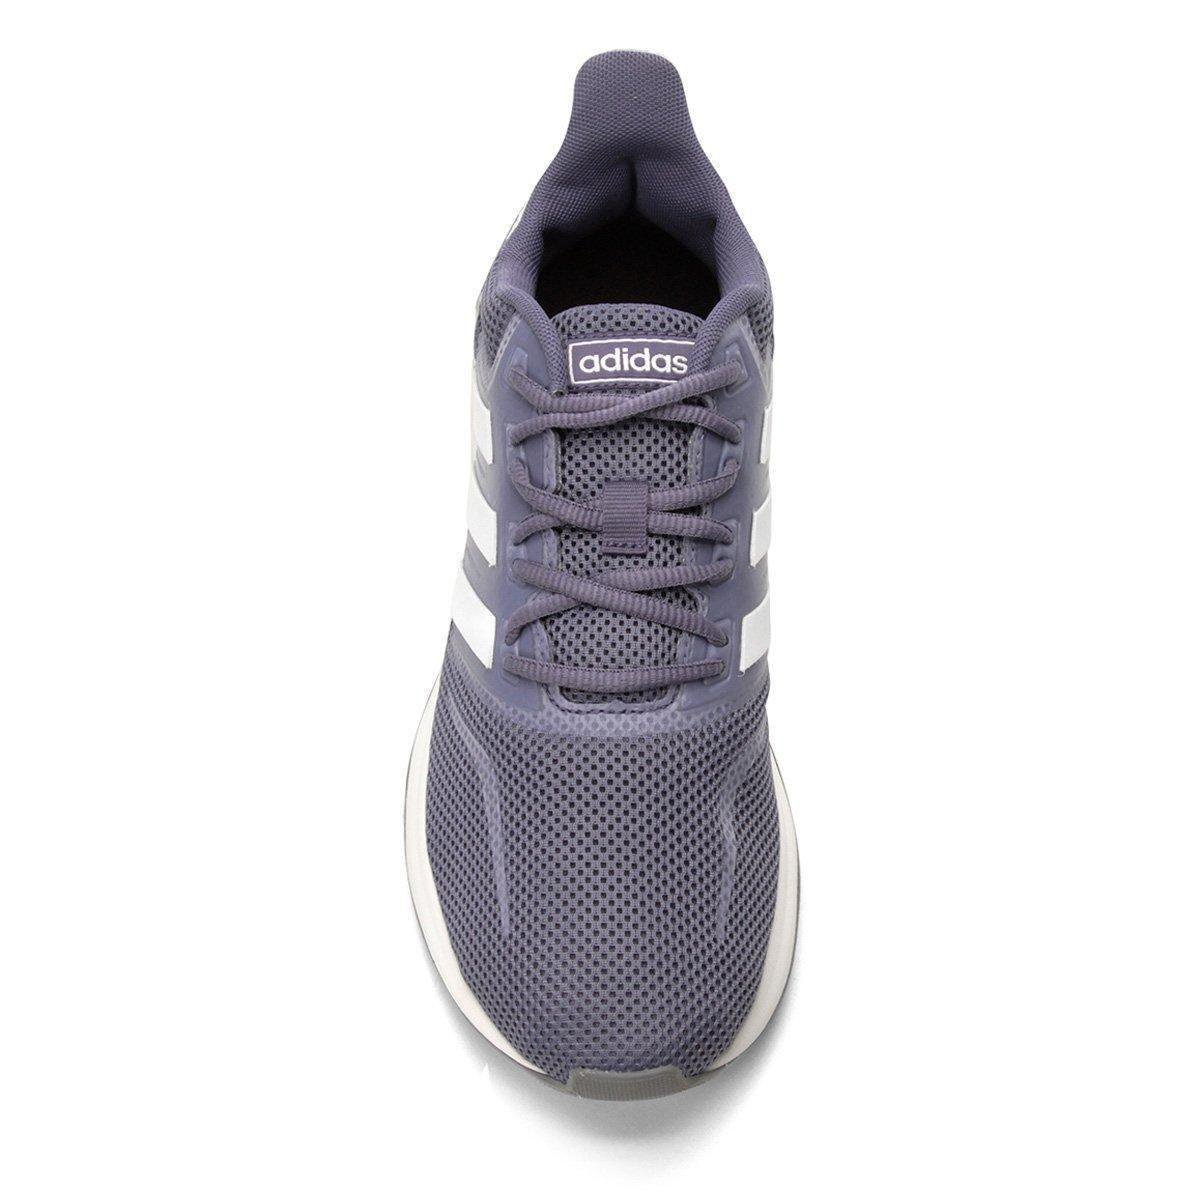 de8de8bb5 Tênis Adidas Falcon Feminino - Tam: 34 - Shopping TudoAzul